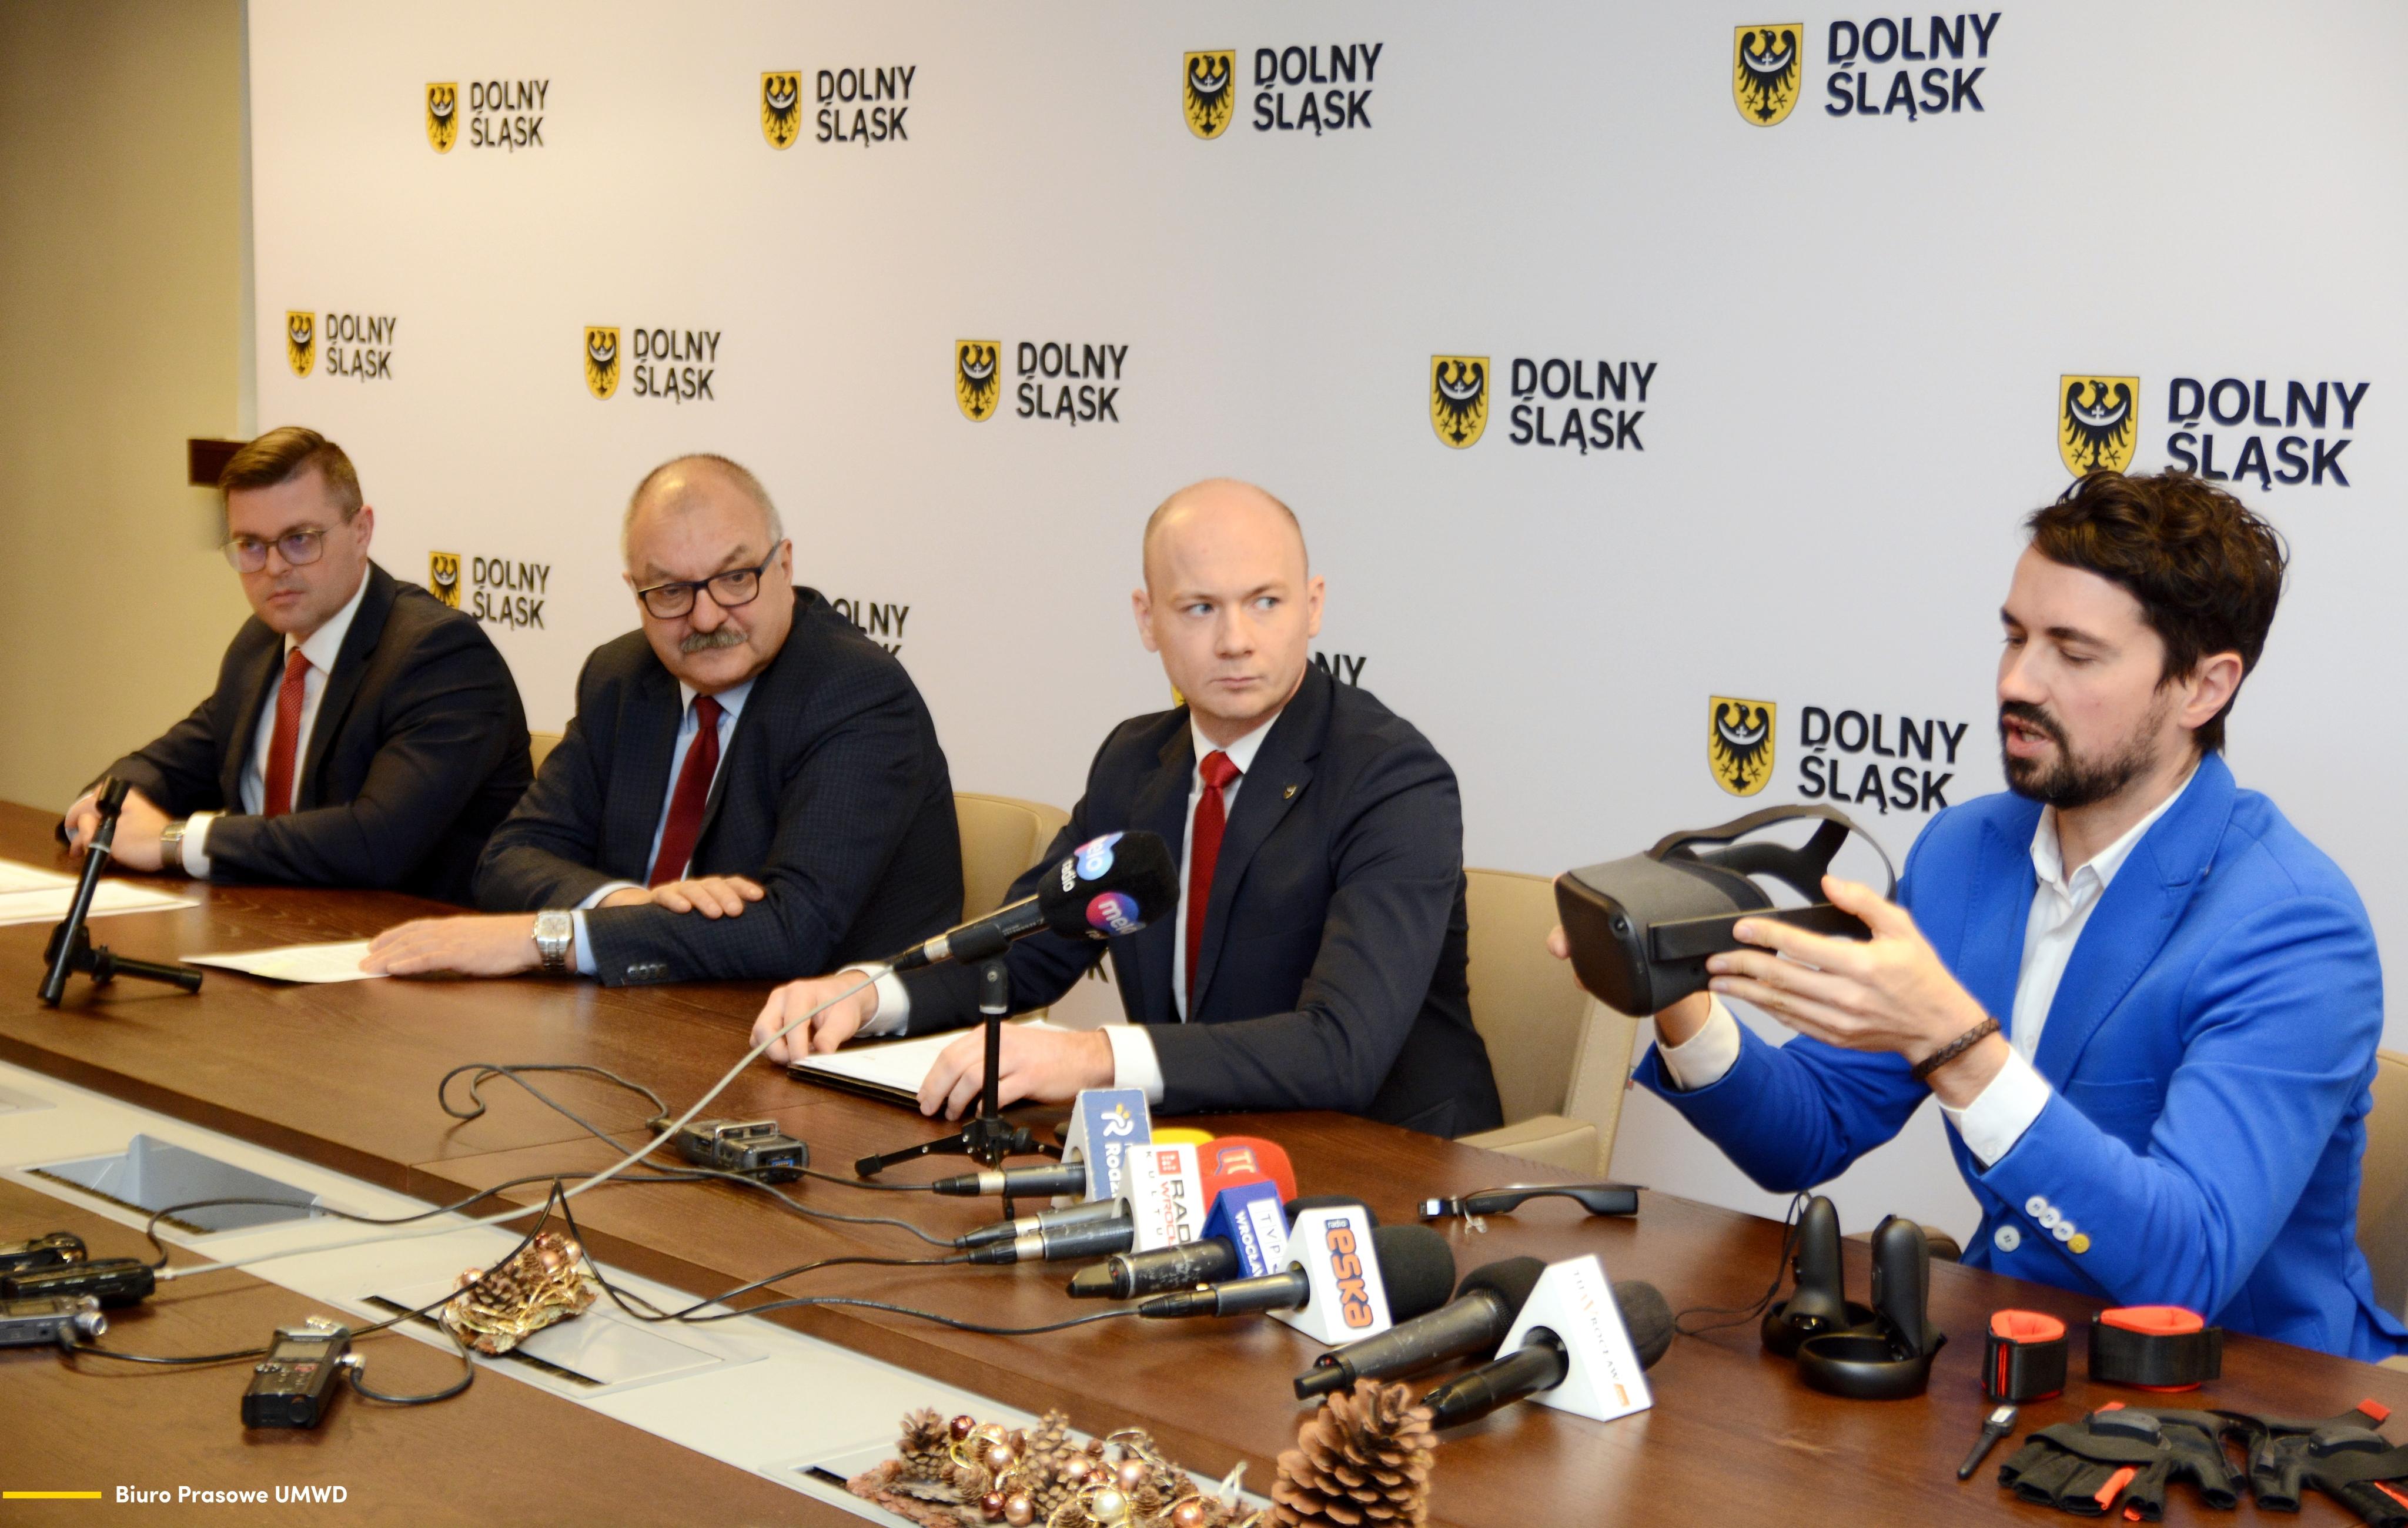 Na promocję gospodarczą regionu za granicą w najbliższych latach zostanie przeznaczonych 11 mln zł (fot. umwd.dolnyslask.pl)